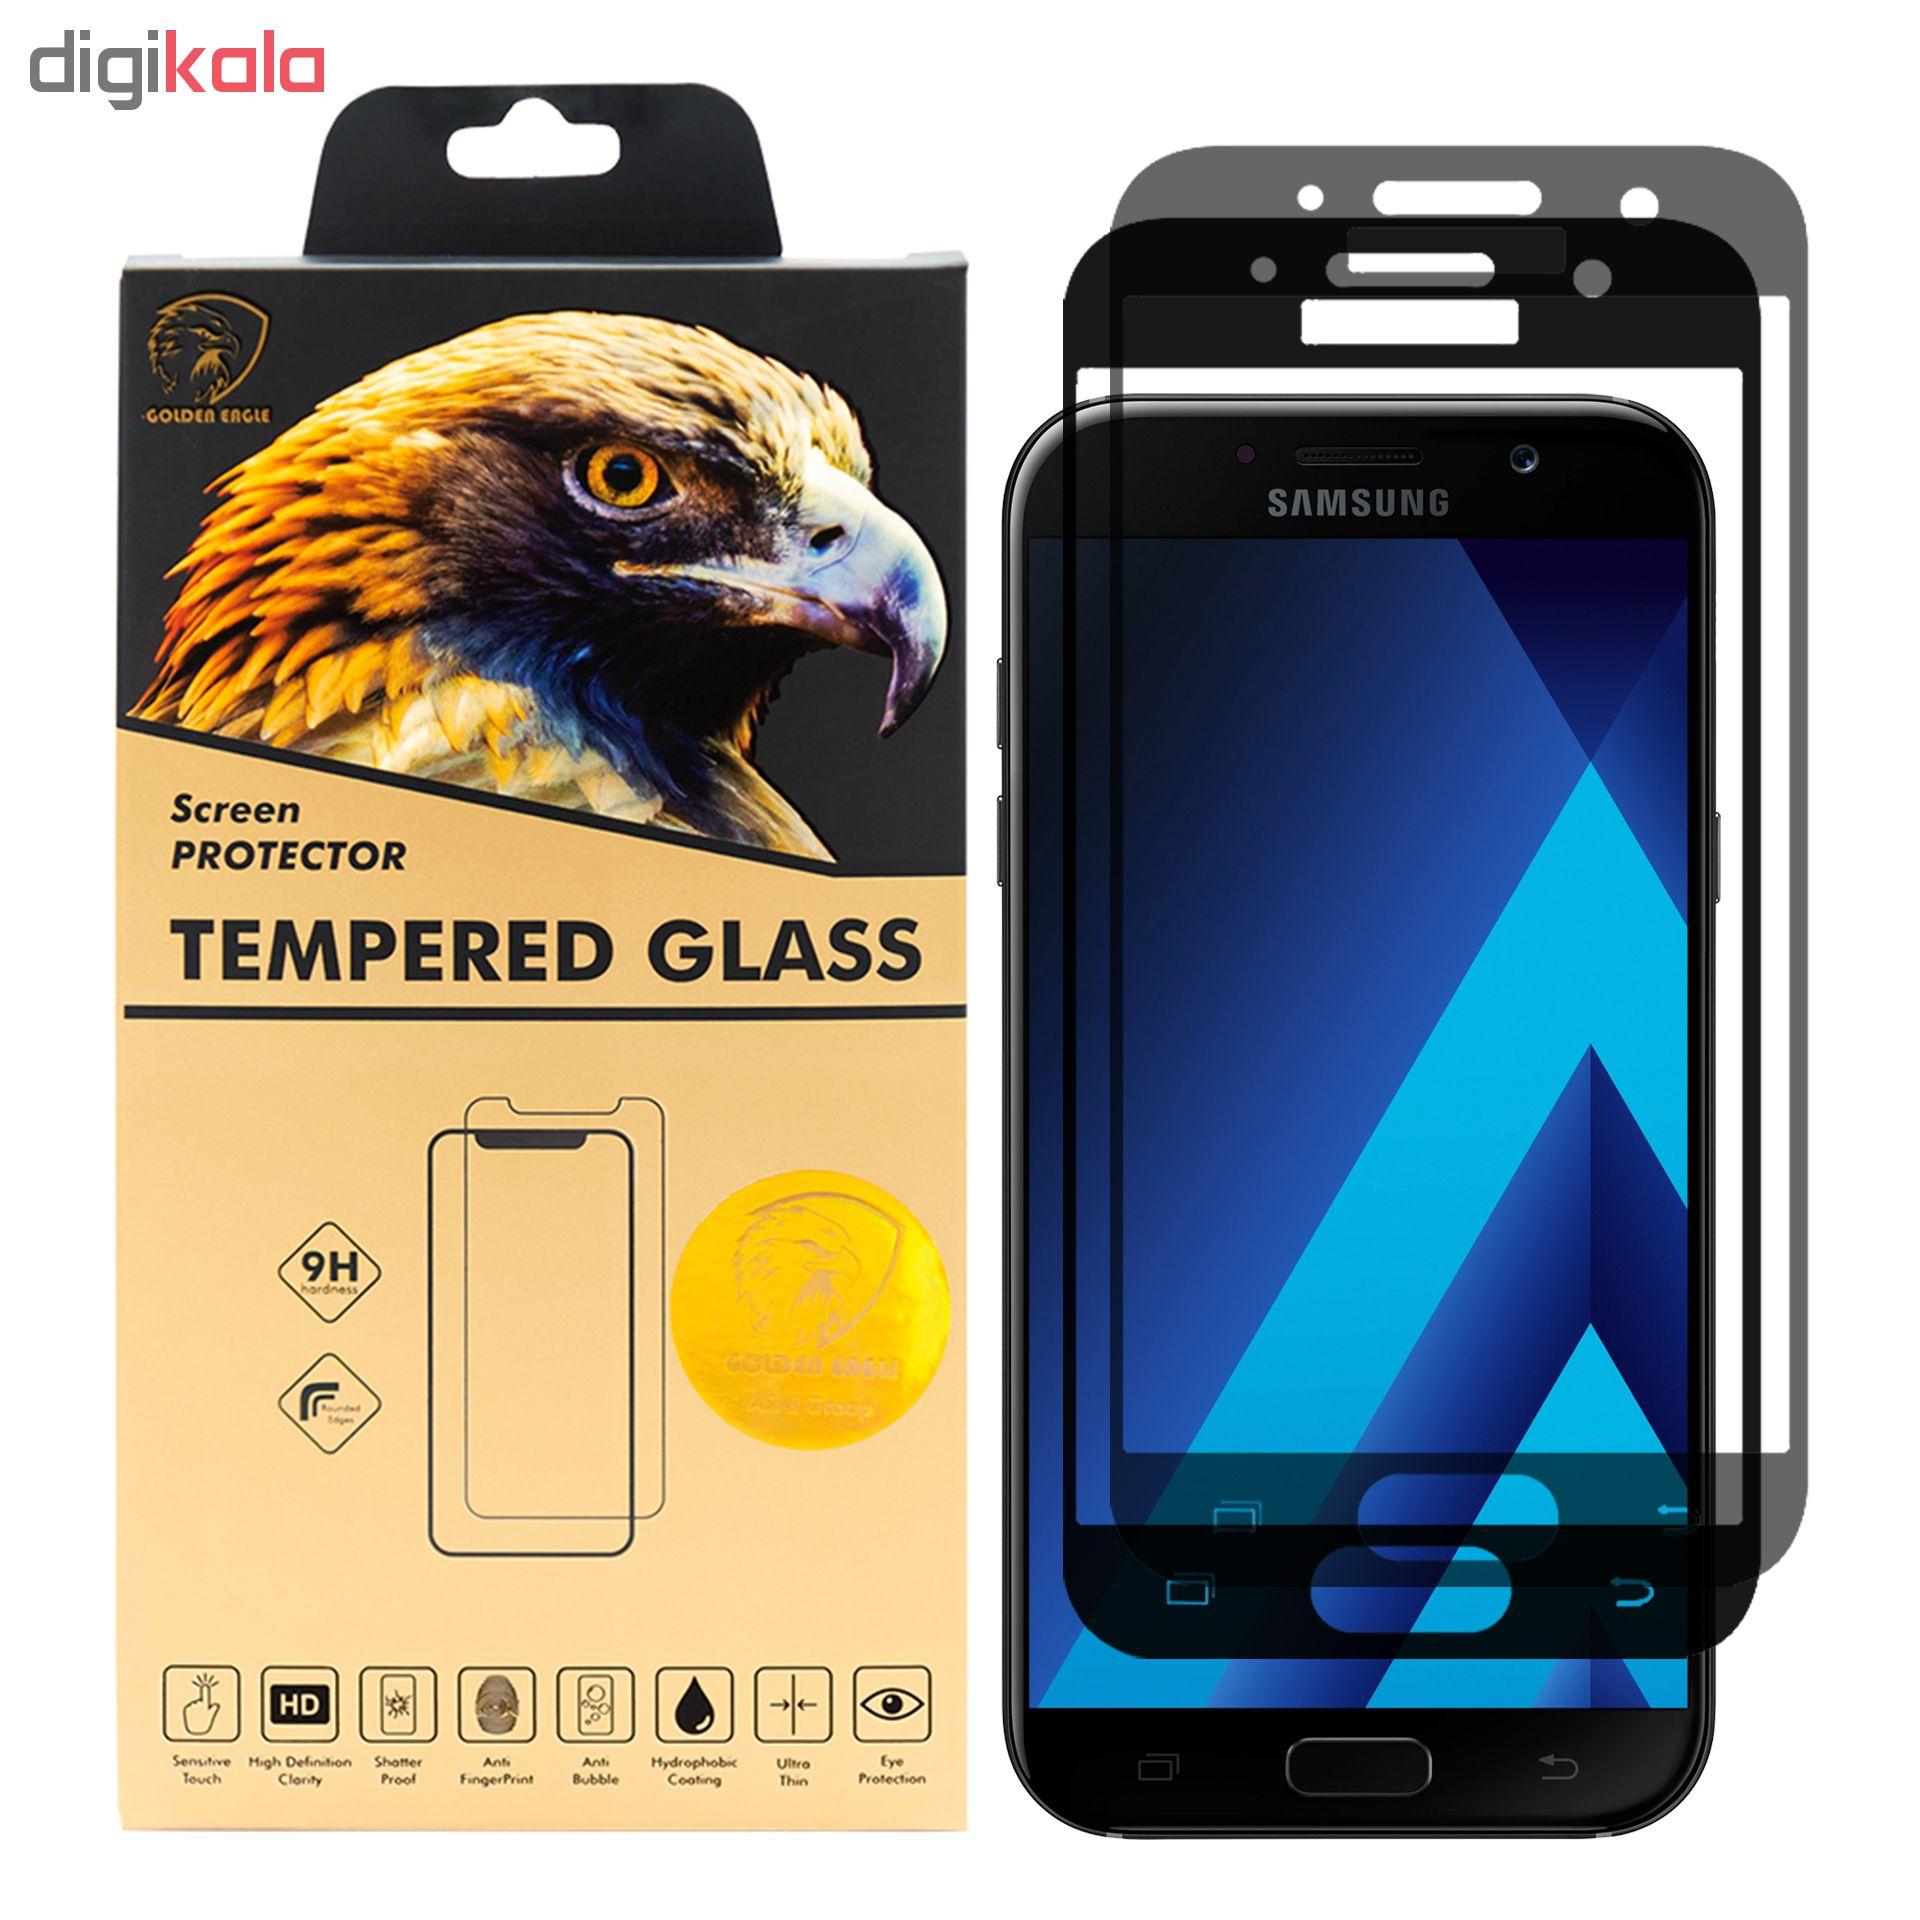 محافظ صفحه نمایش گلدن ایگل مدل DFC-X2 مناسب برای گوشی موبایل سامسونگ Galaxy A7 2017 بسته دو عددی main 1 1